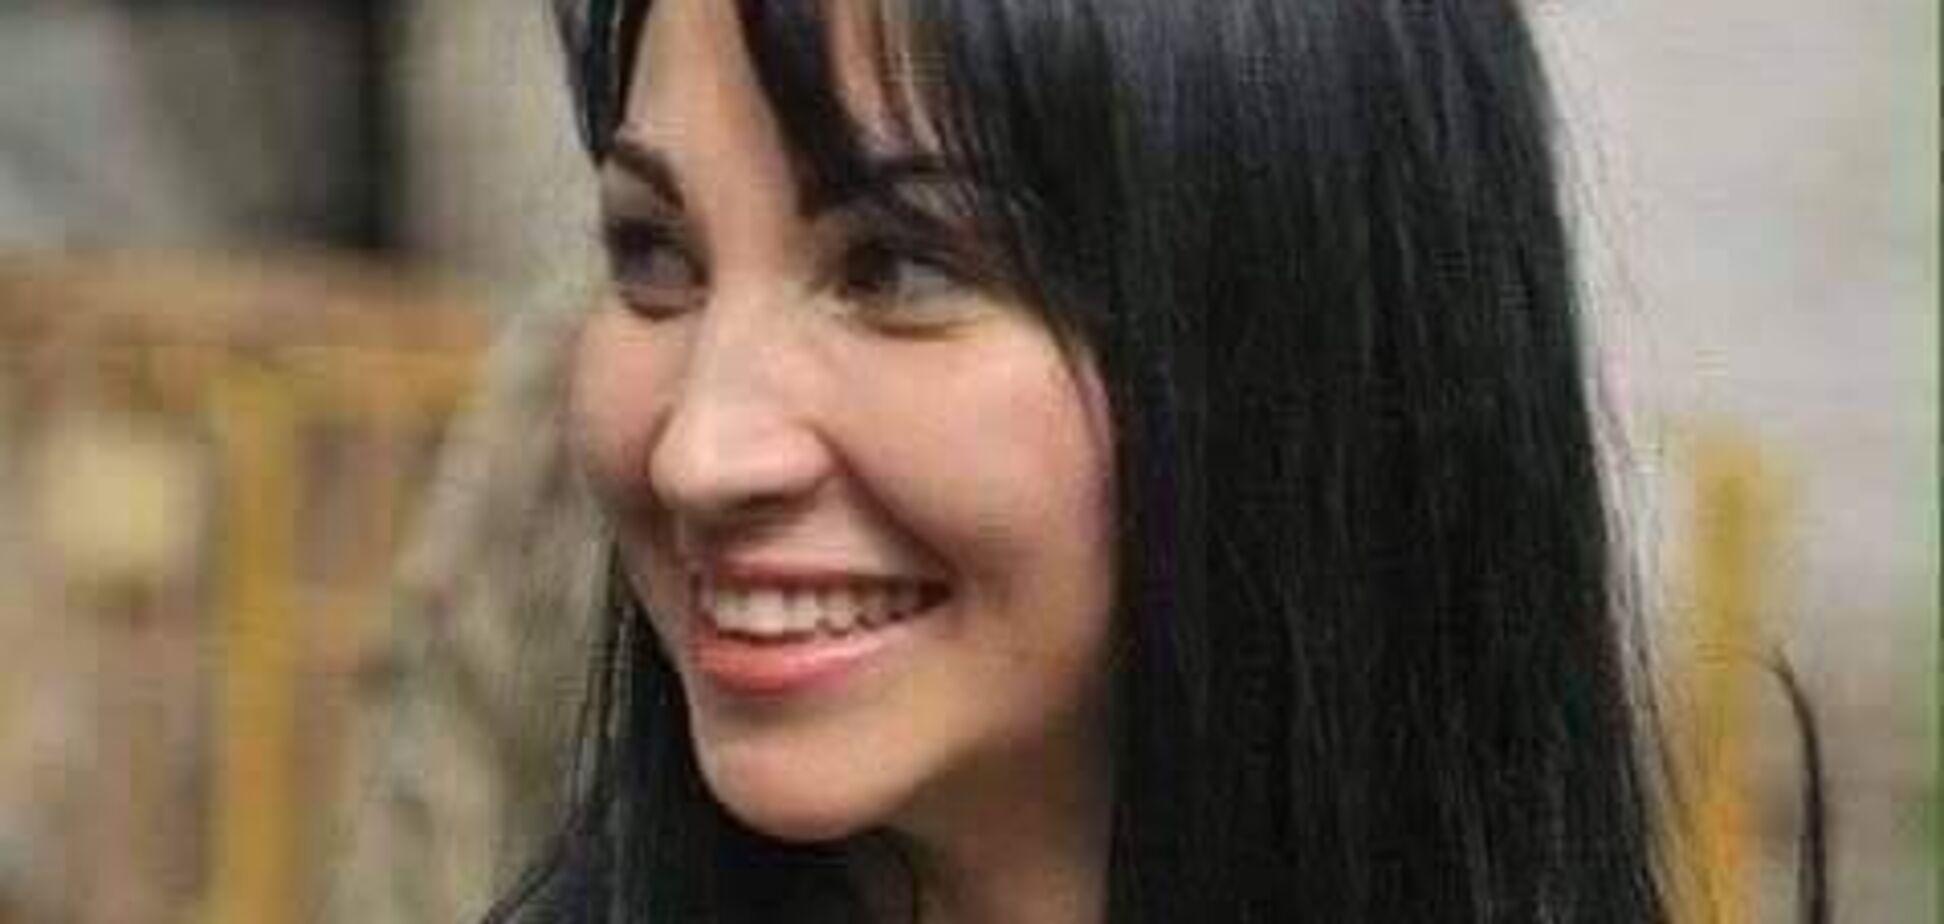 'Проклятая война!' Фото матери с убитой защитницей Украины растрогало сеть